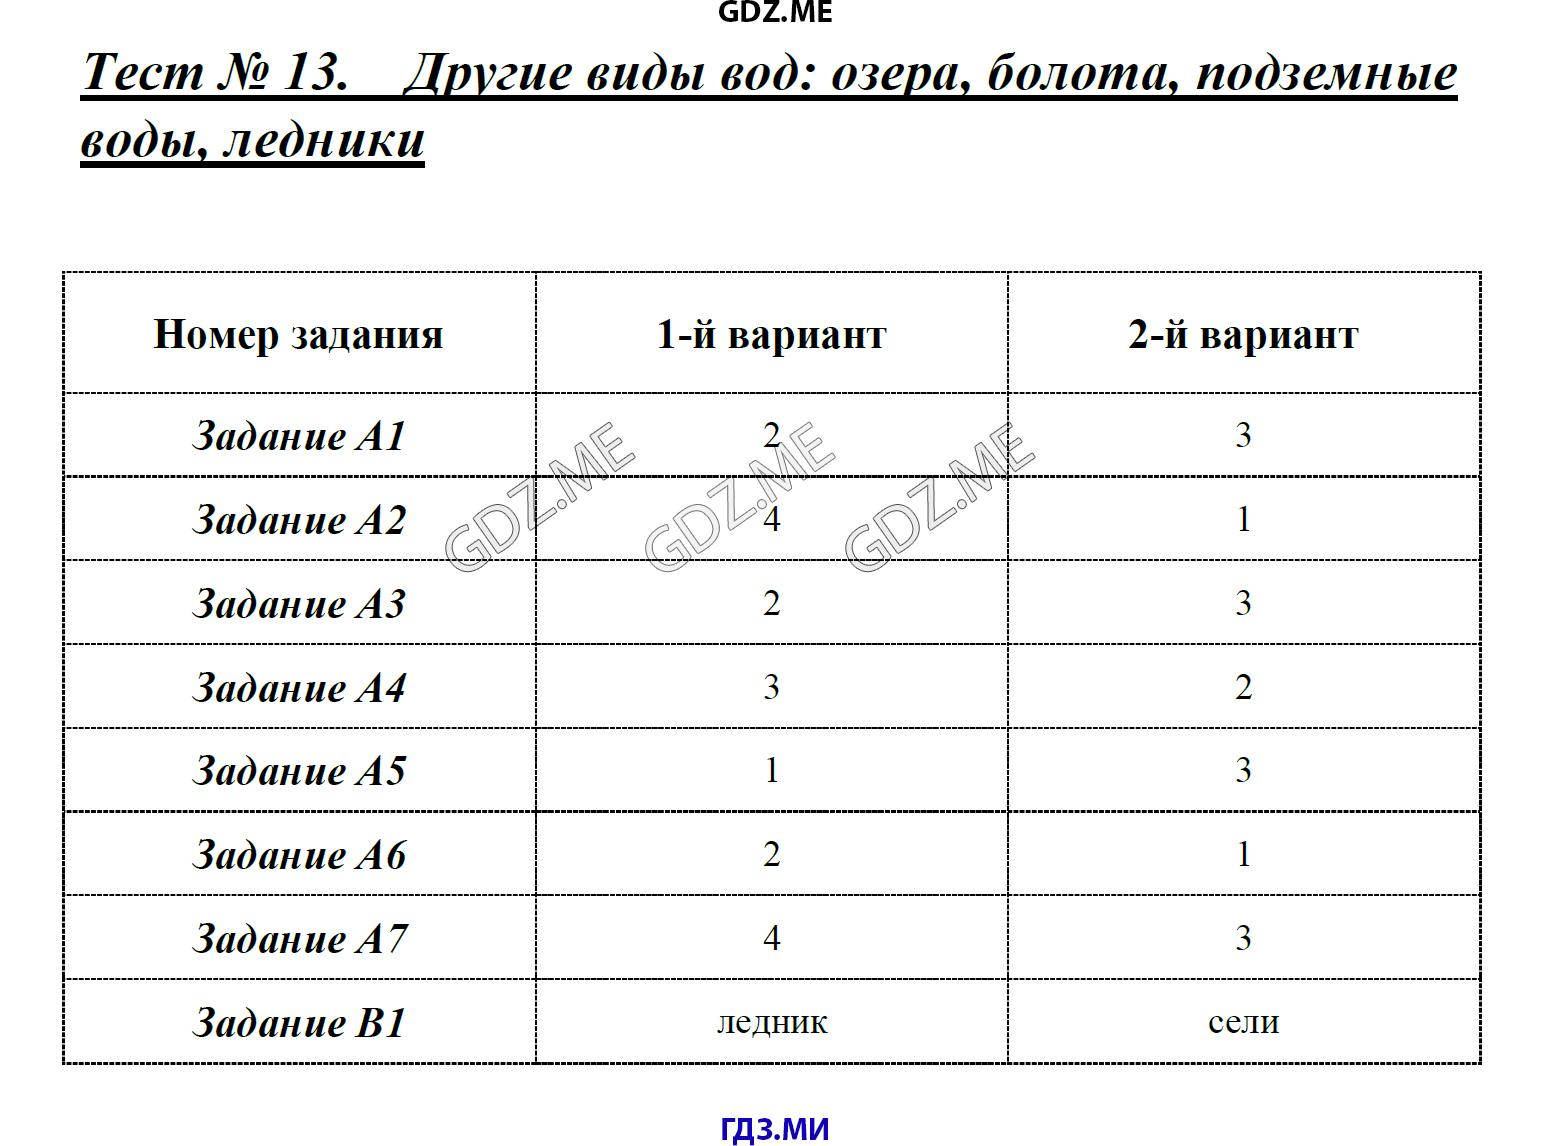 Готовая таблица по географии 8 класс типы климатов в россии